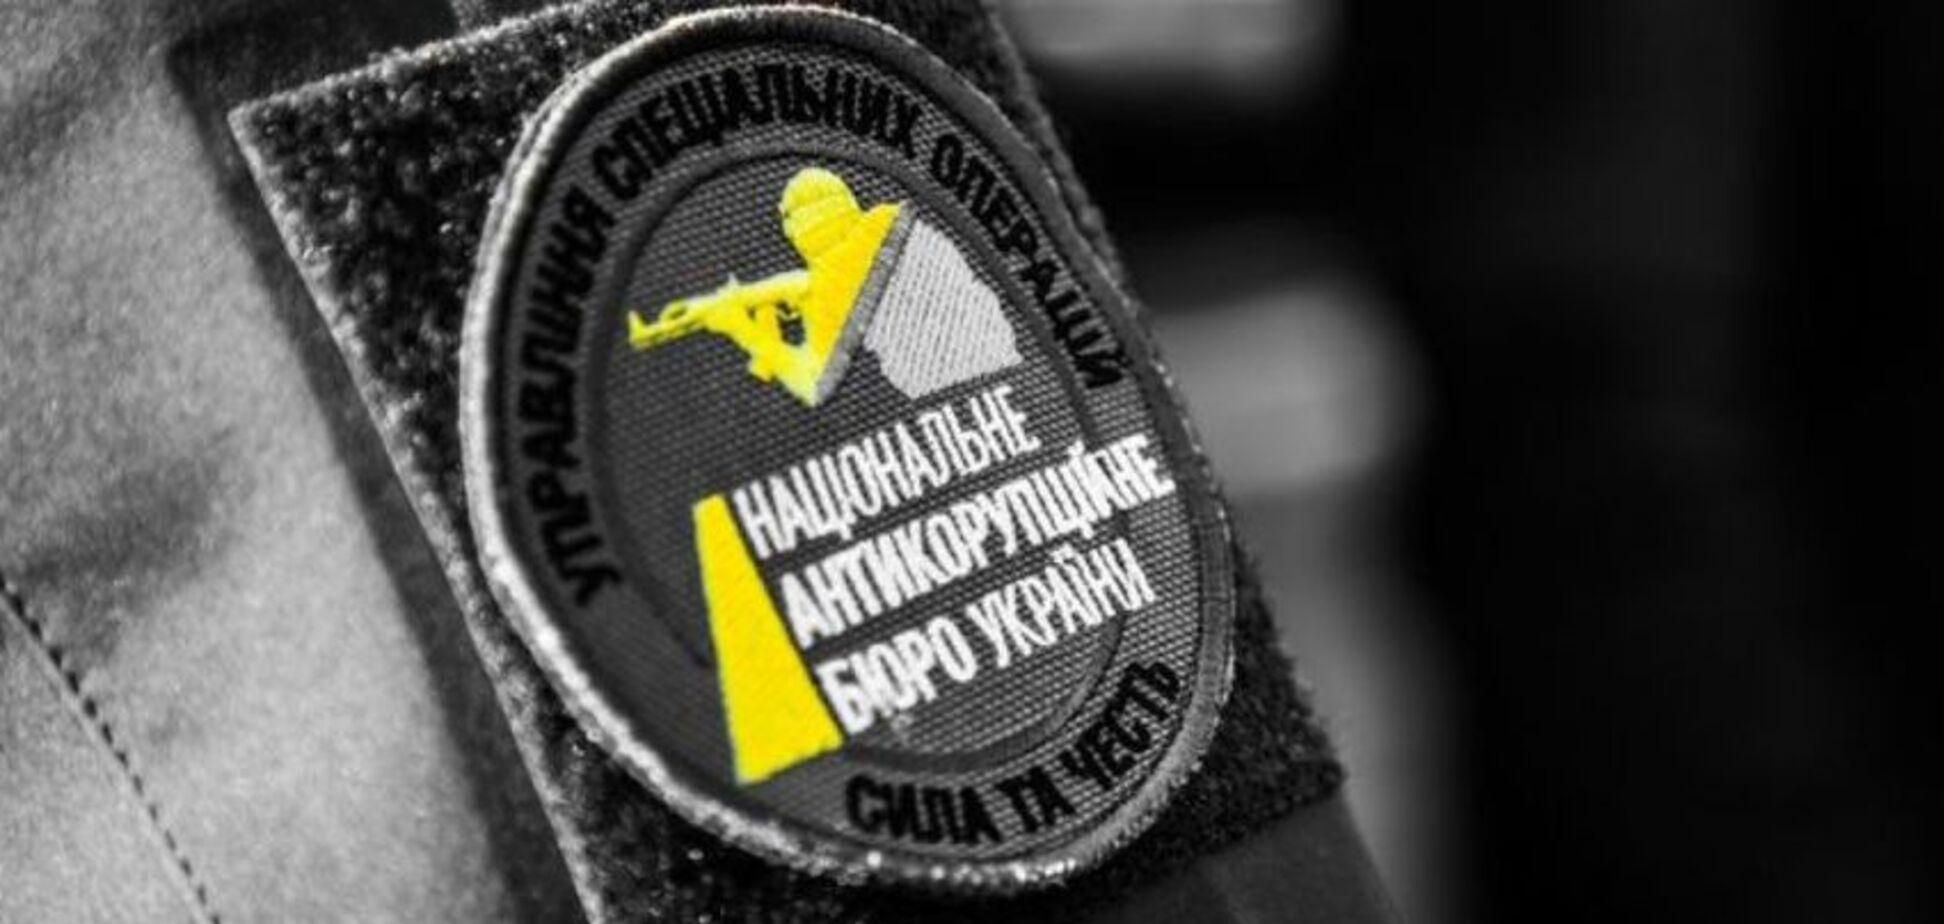 НАБУ напрямую причастна к коррупции и шантажу – расследование